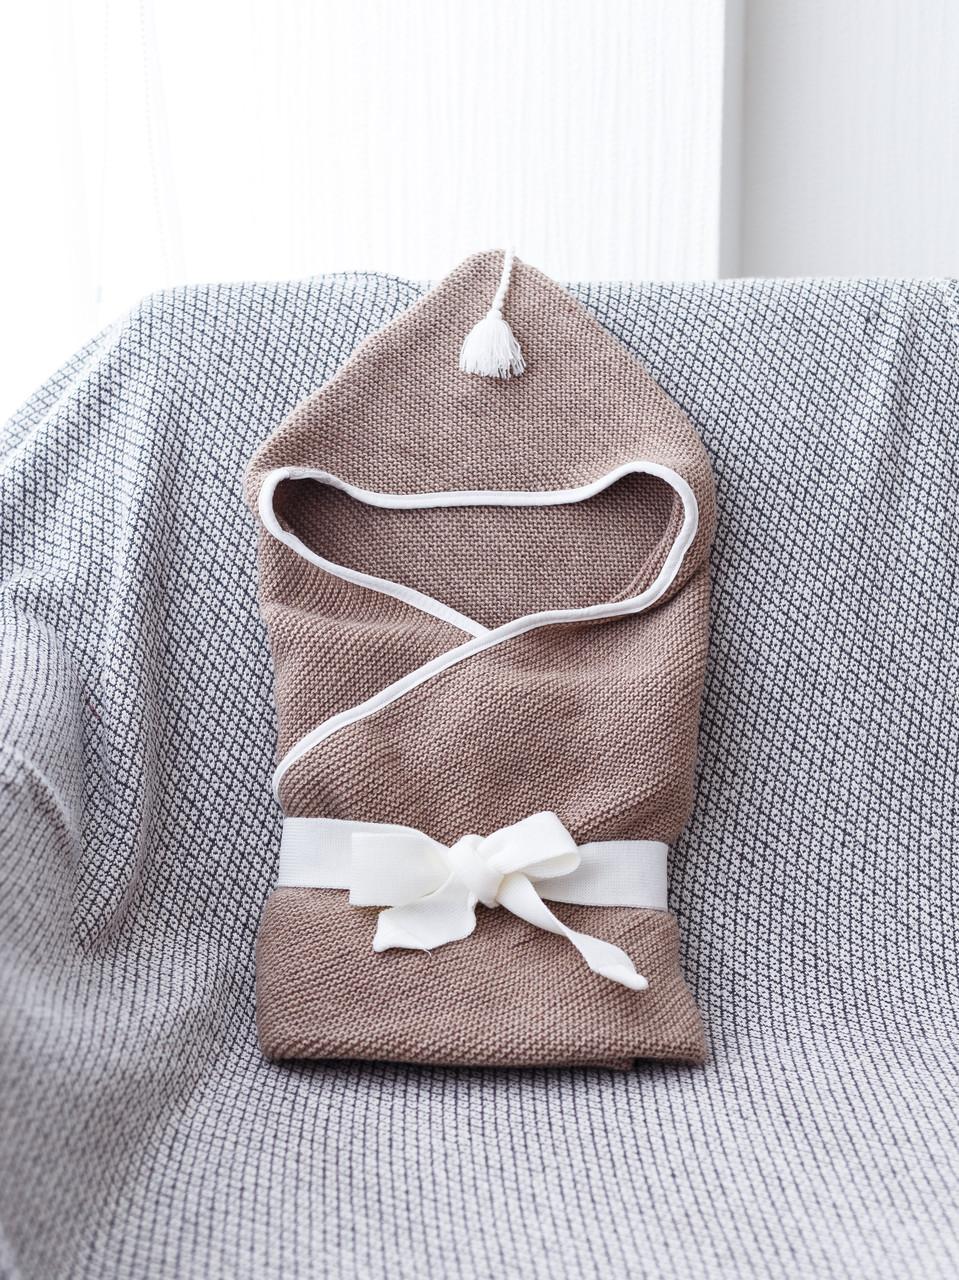 Вязанный конверт- плед с кисточкой, коричневый